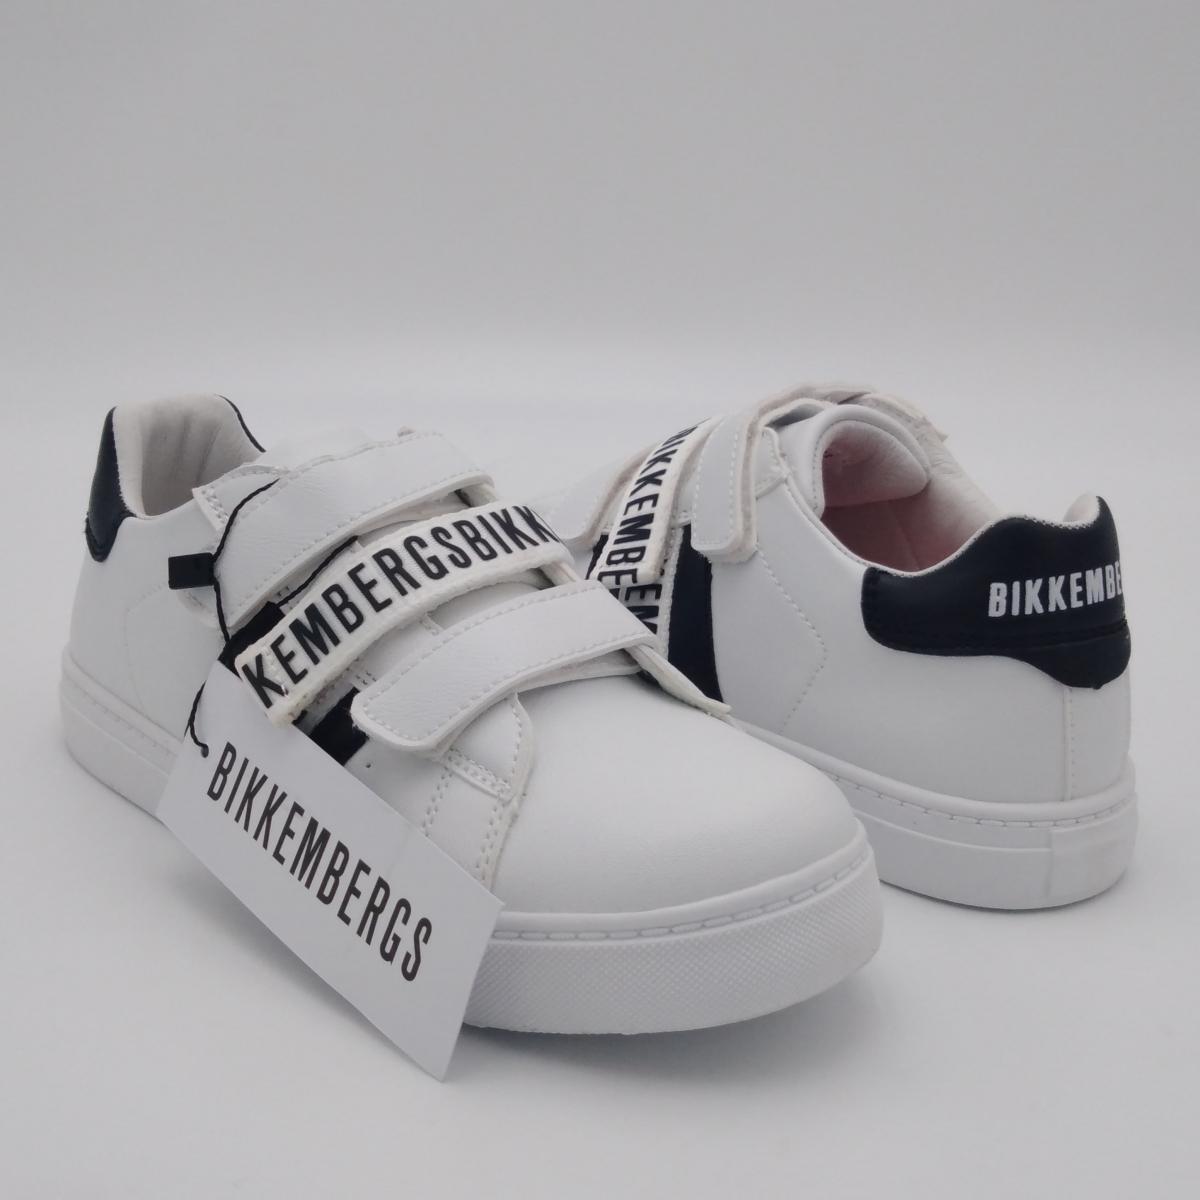 Bikkembergs -Sneaker pelle...